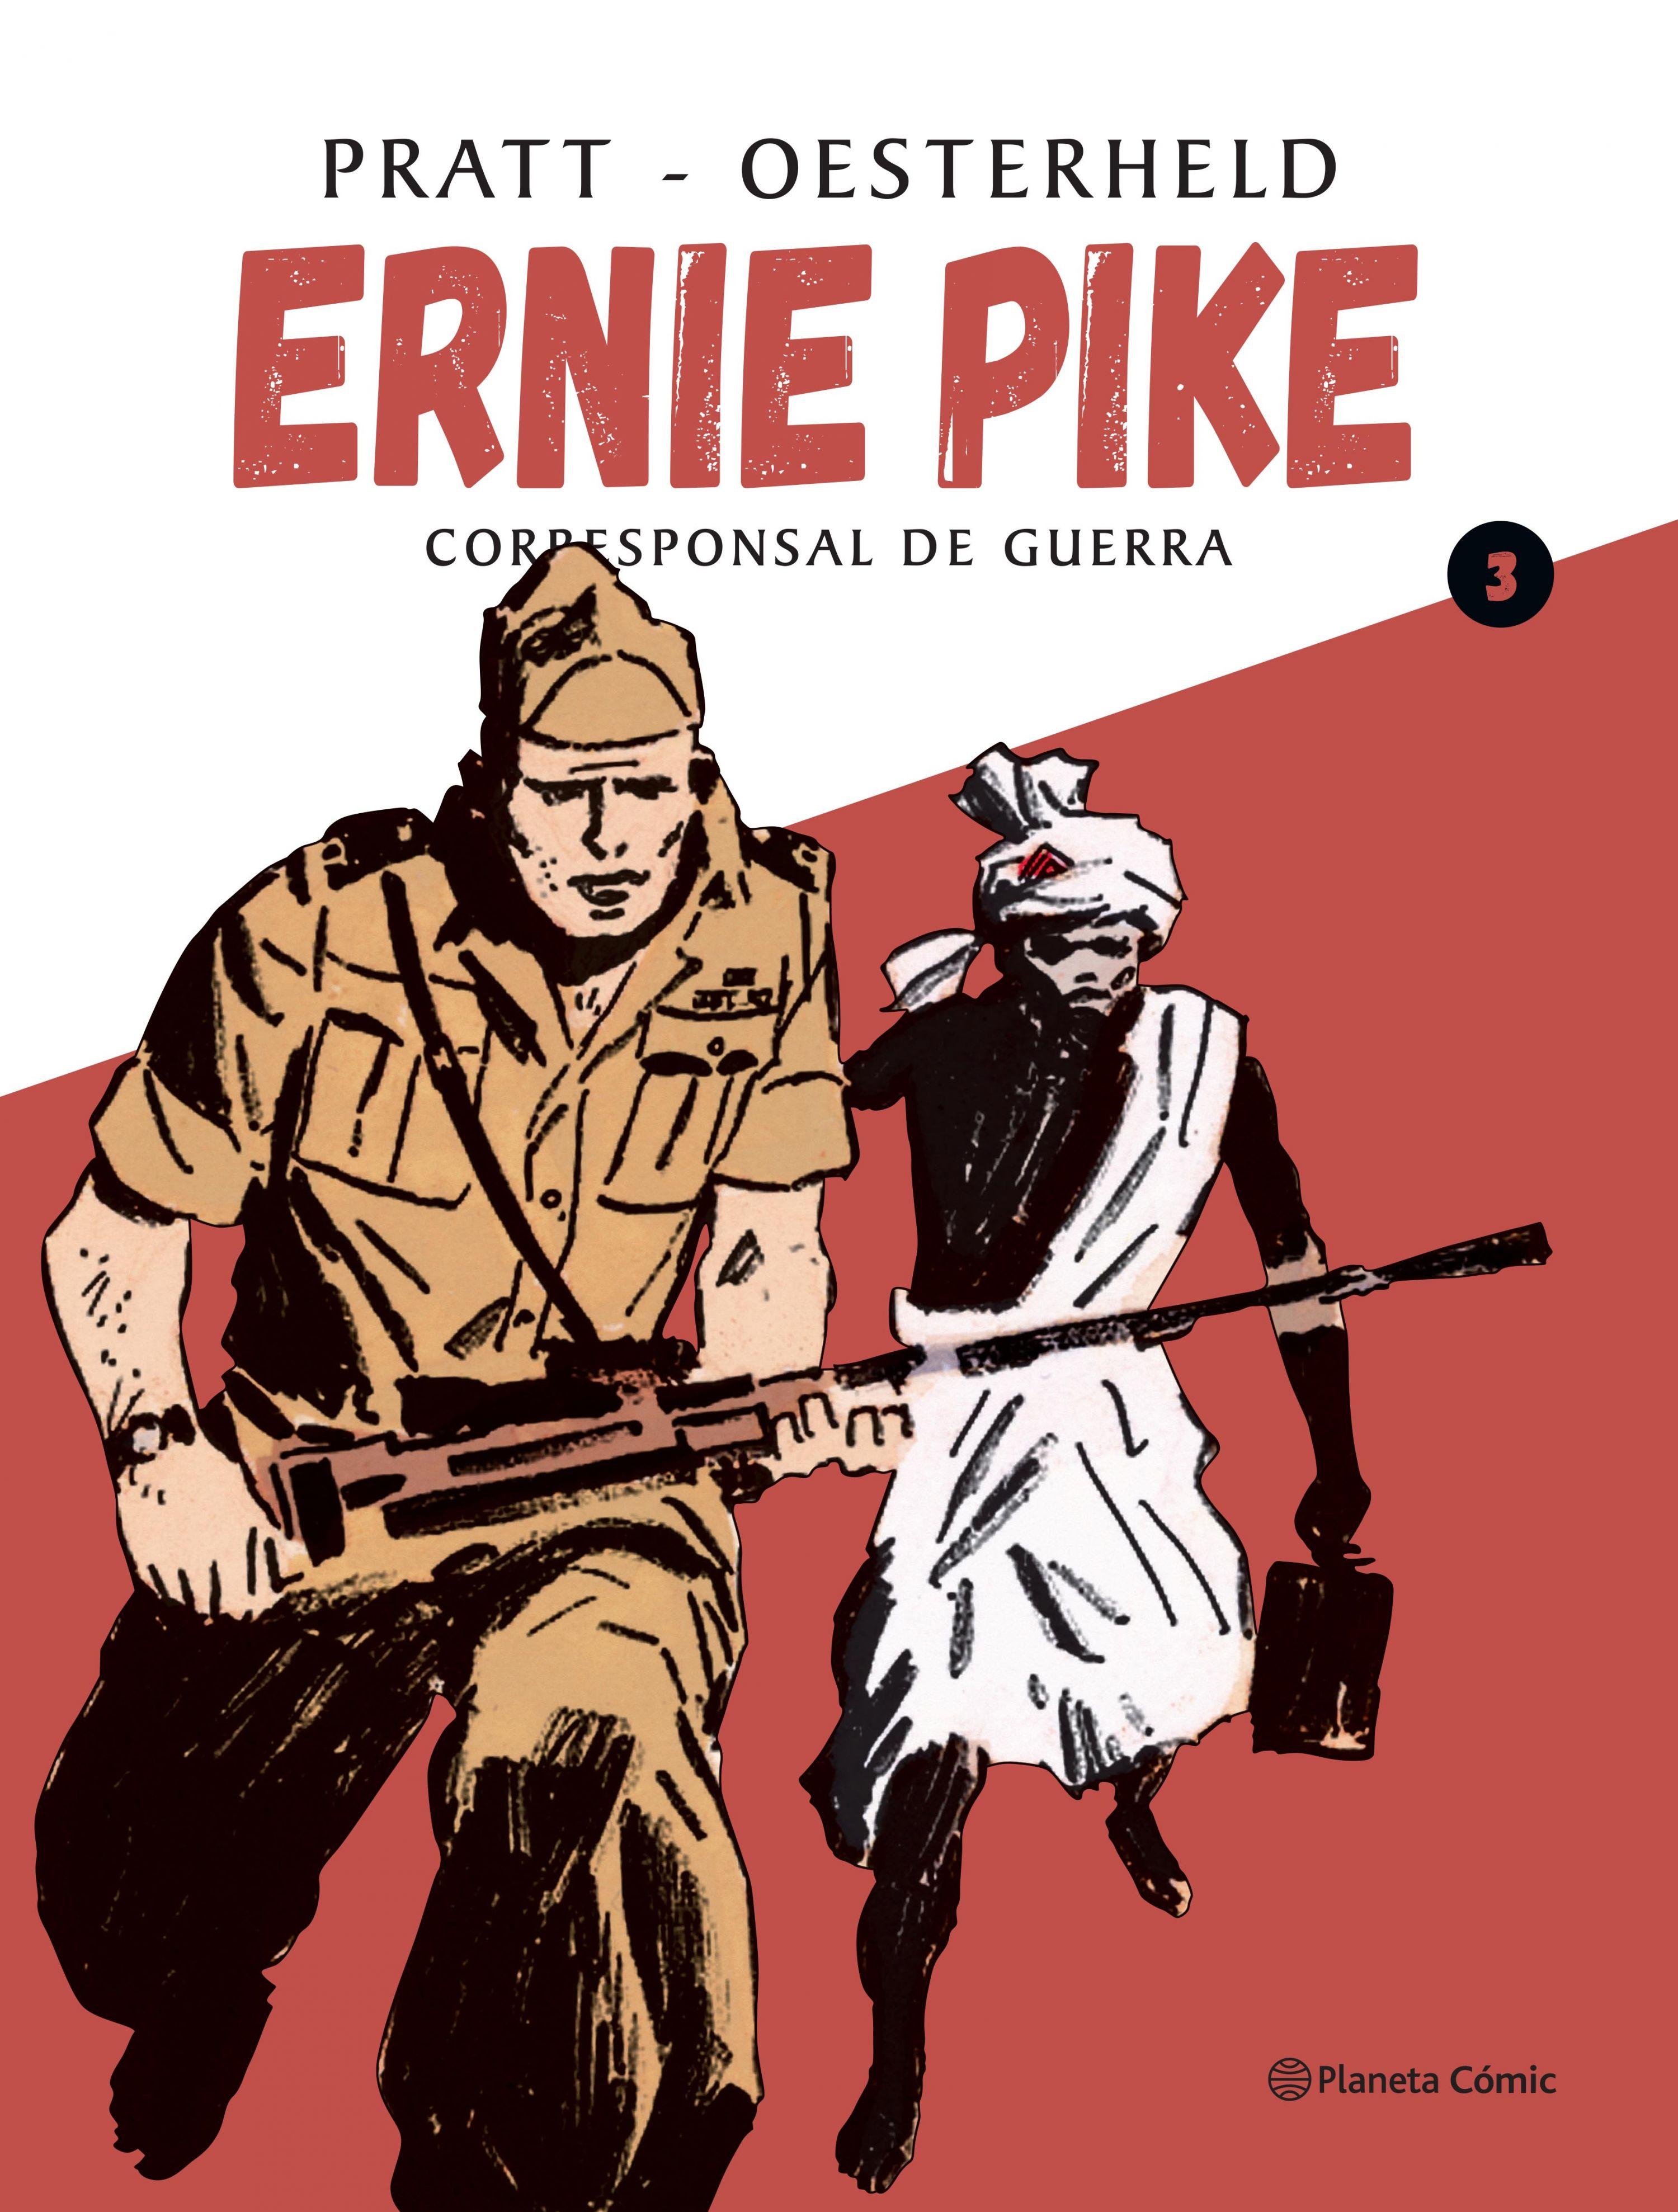 """Ernie Pike """" Corresponsal de Guerra""""  [ Editorial Planeta ] Portada_ernie-pike-3__201907161426"""